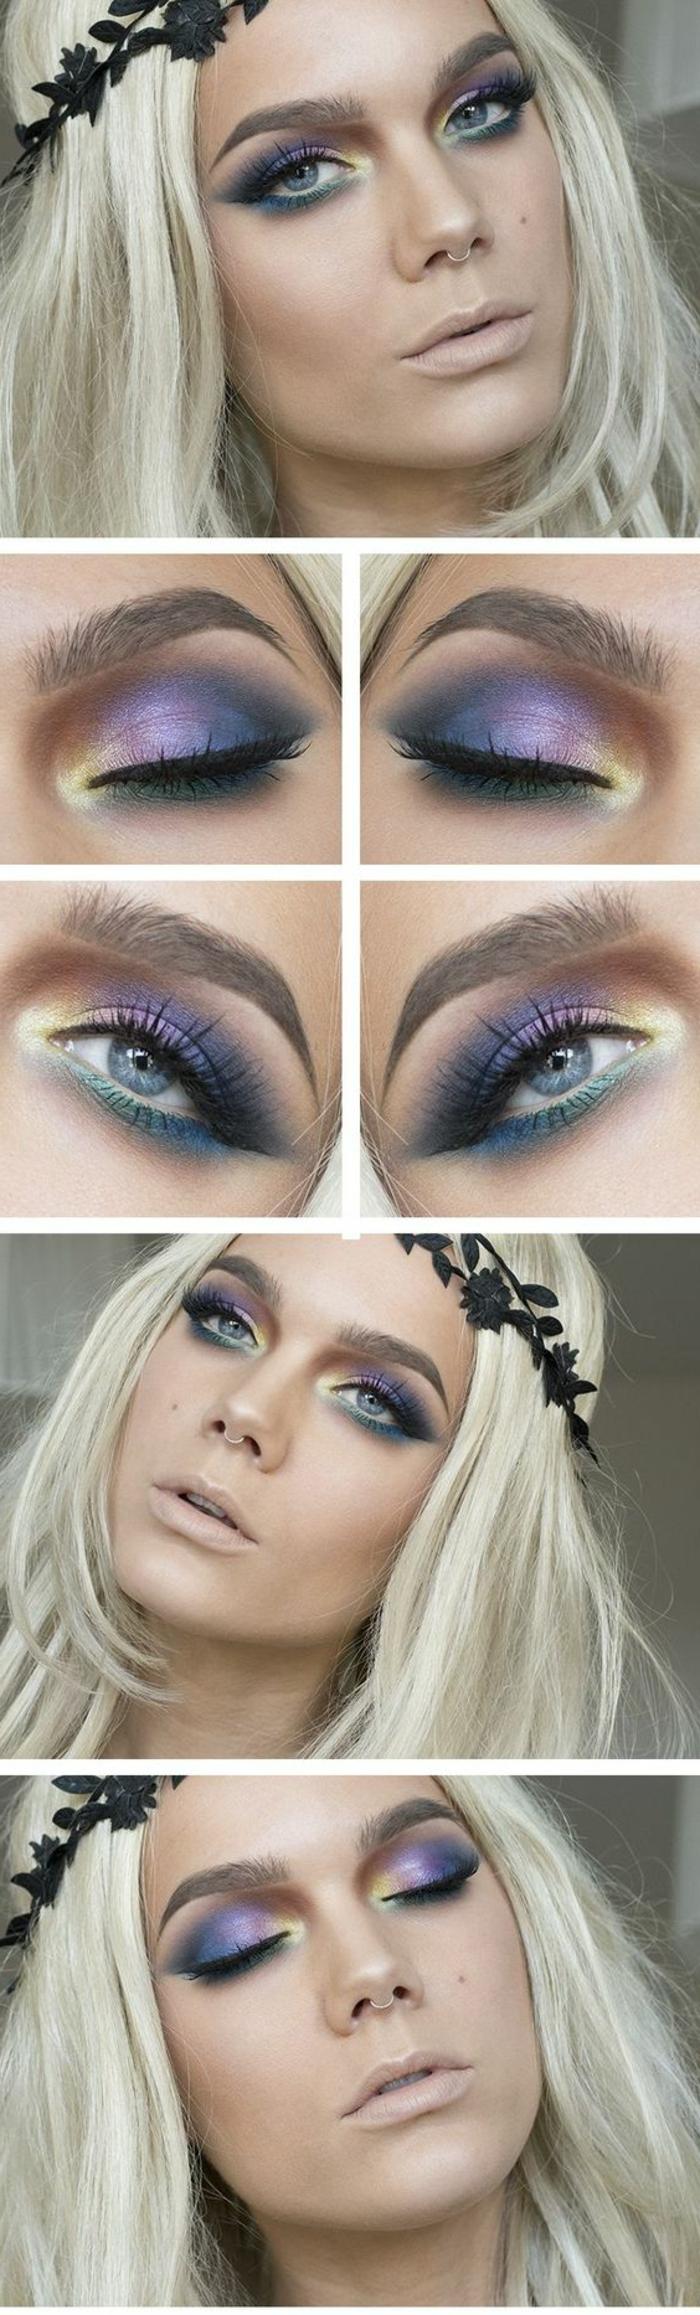 como-maquillarse-los-ojos-en-muchos-colores-linda-mujer-rubia